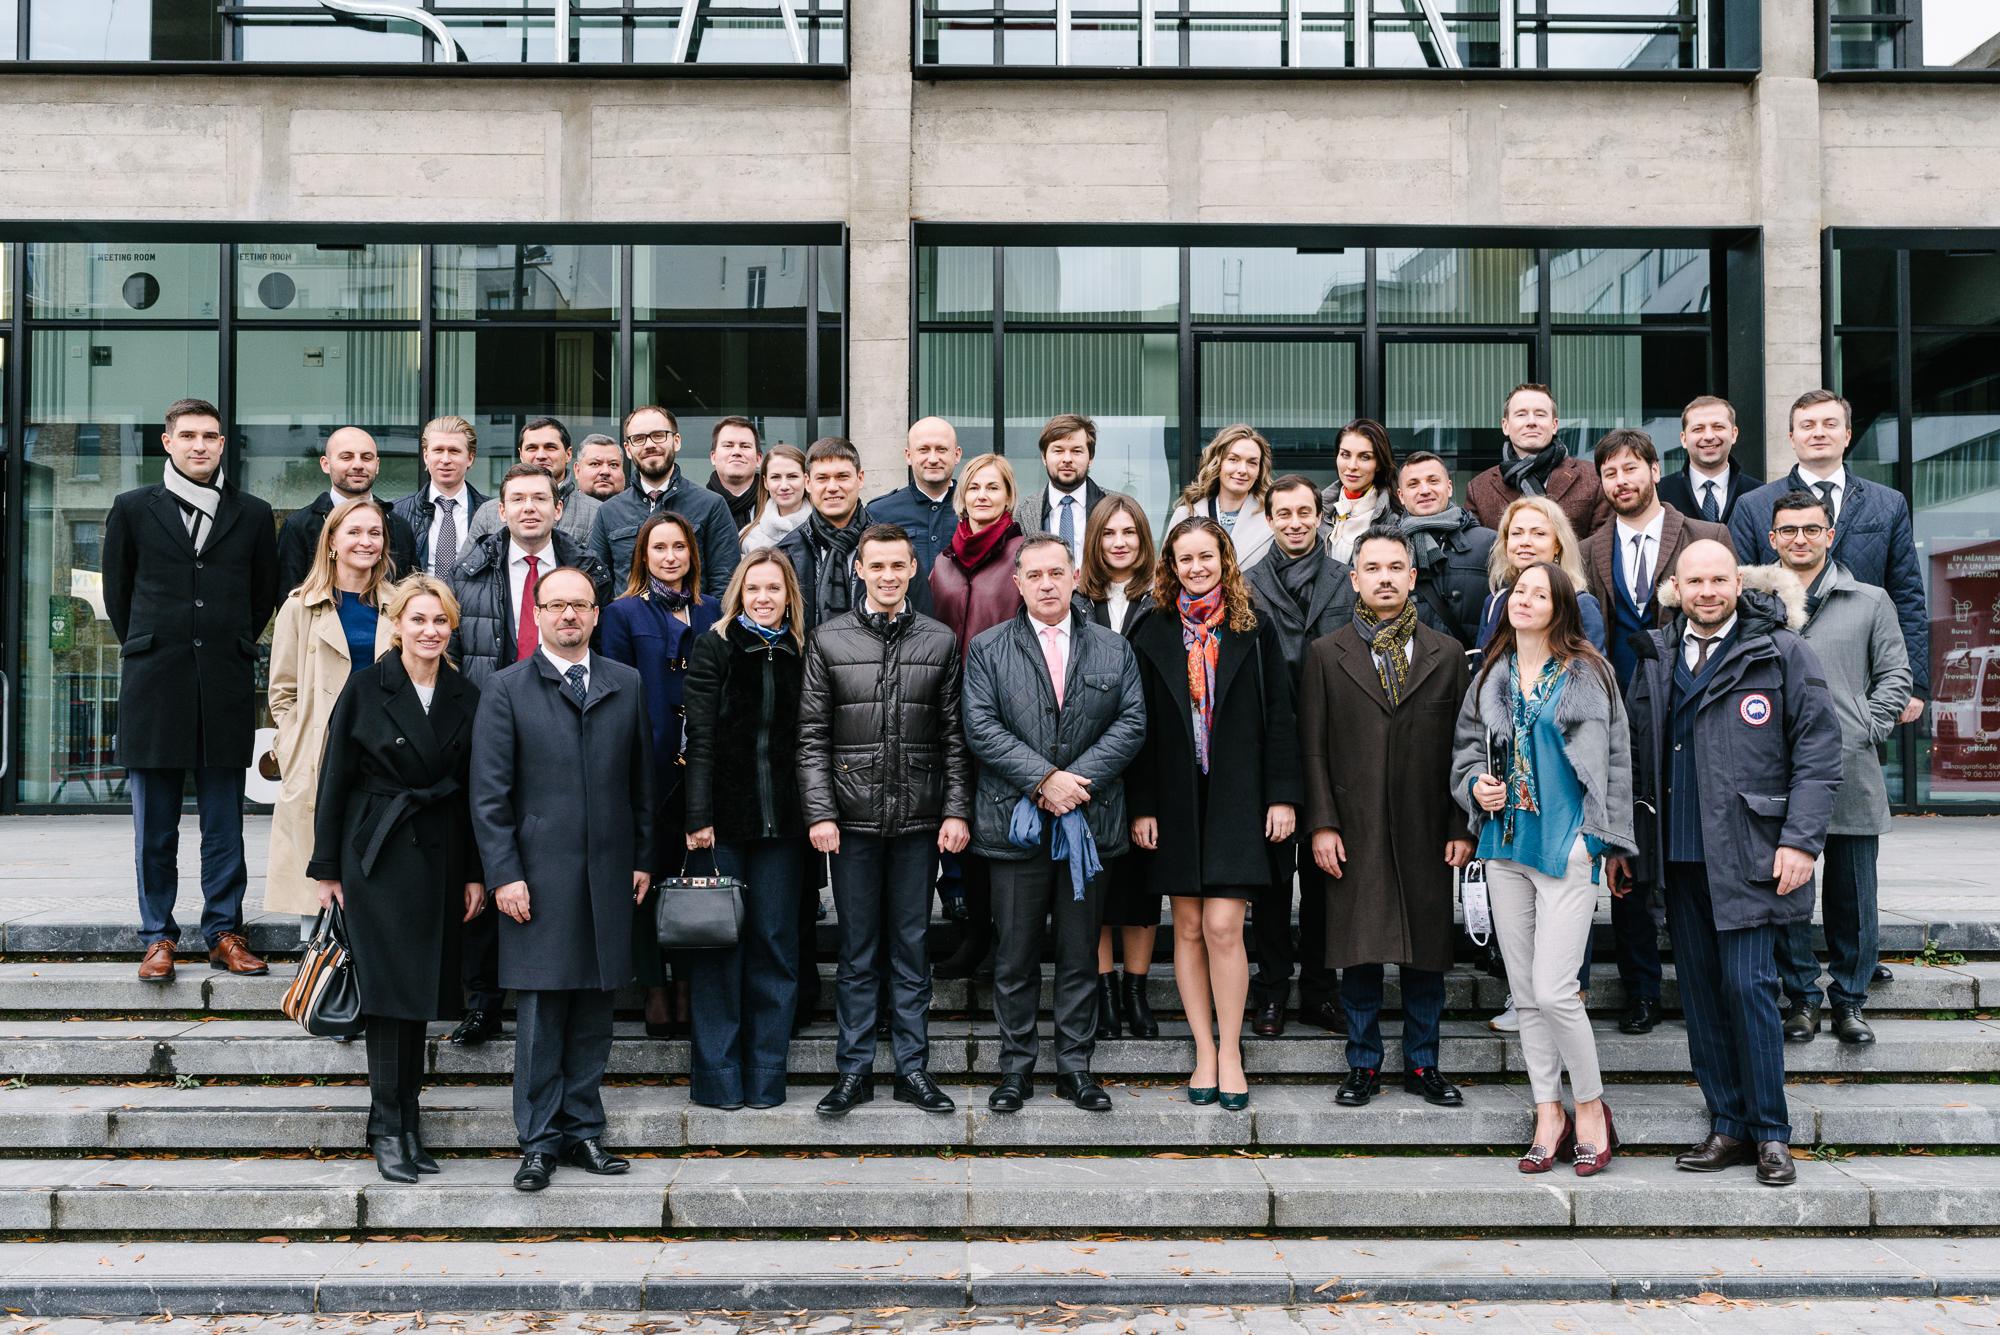 Rencontre Choiseul Russia à Paris – visite de la Station F